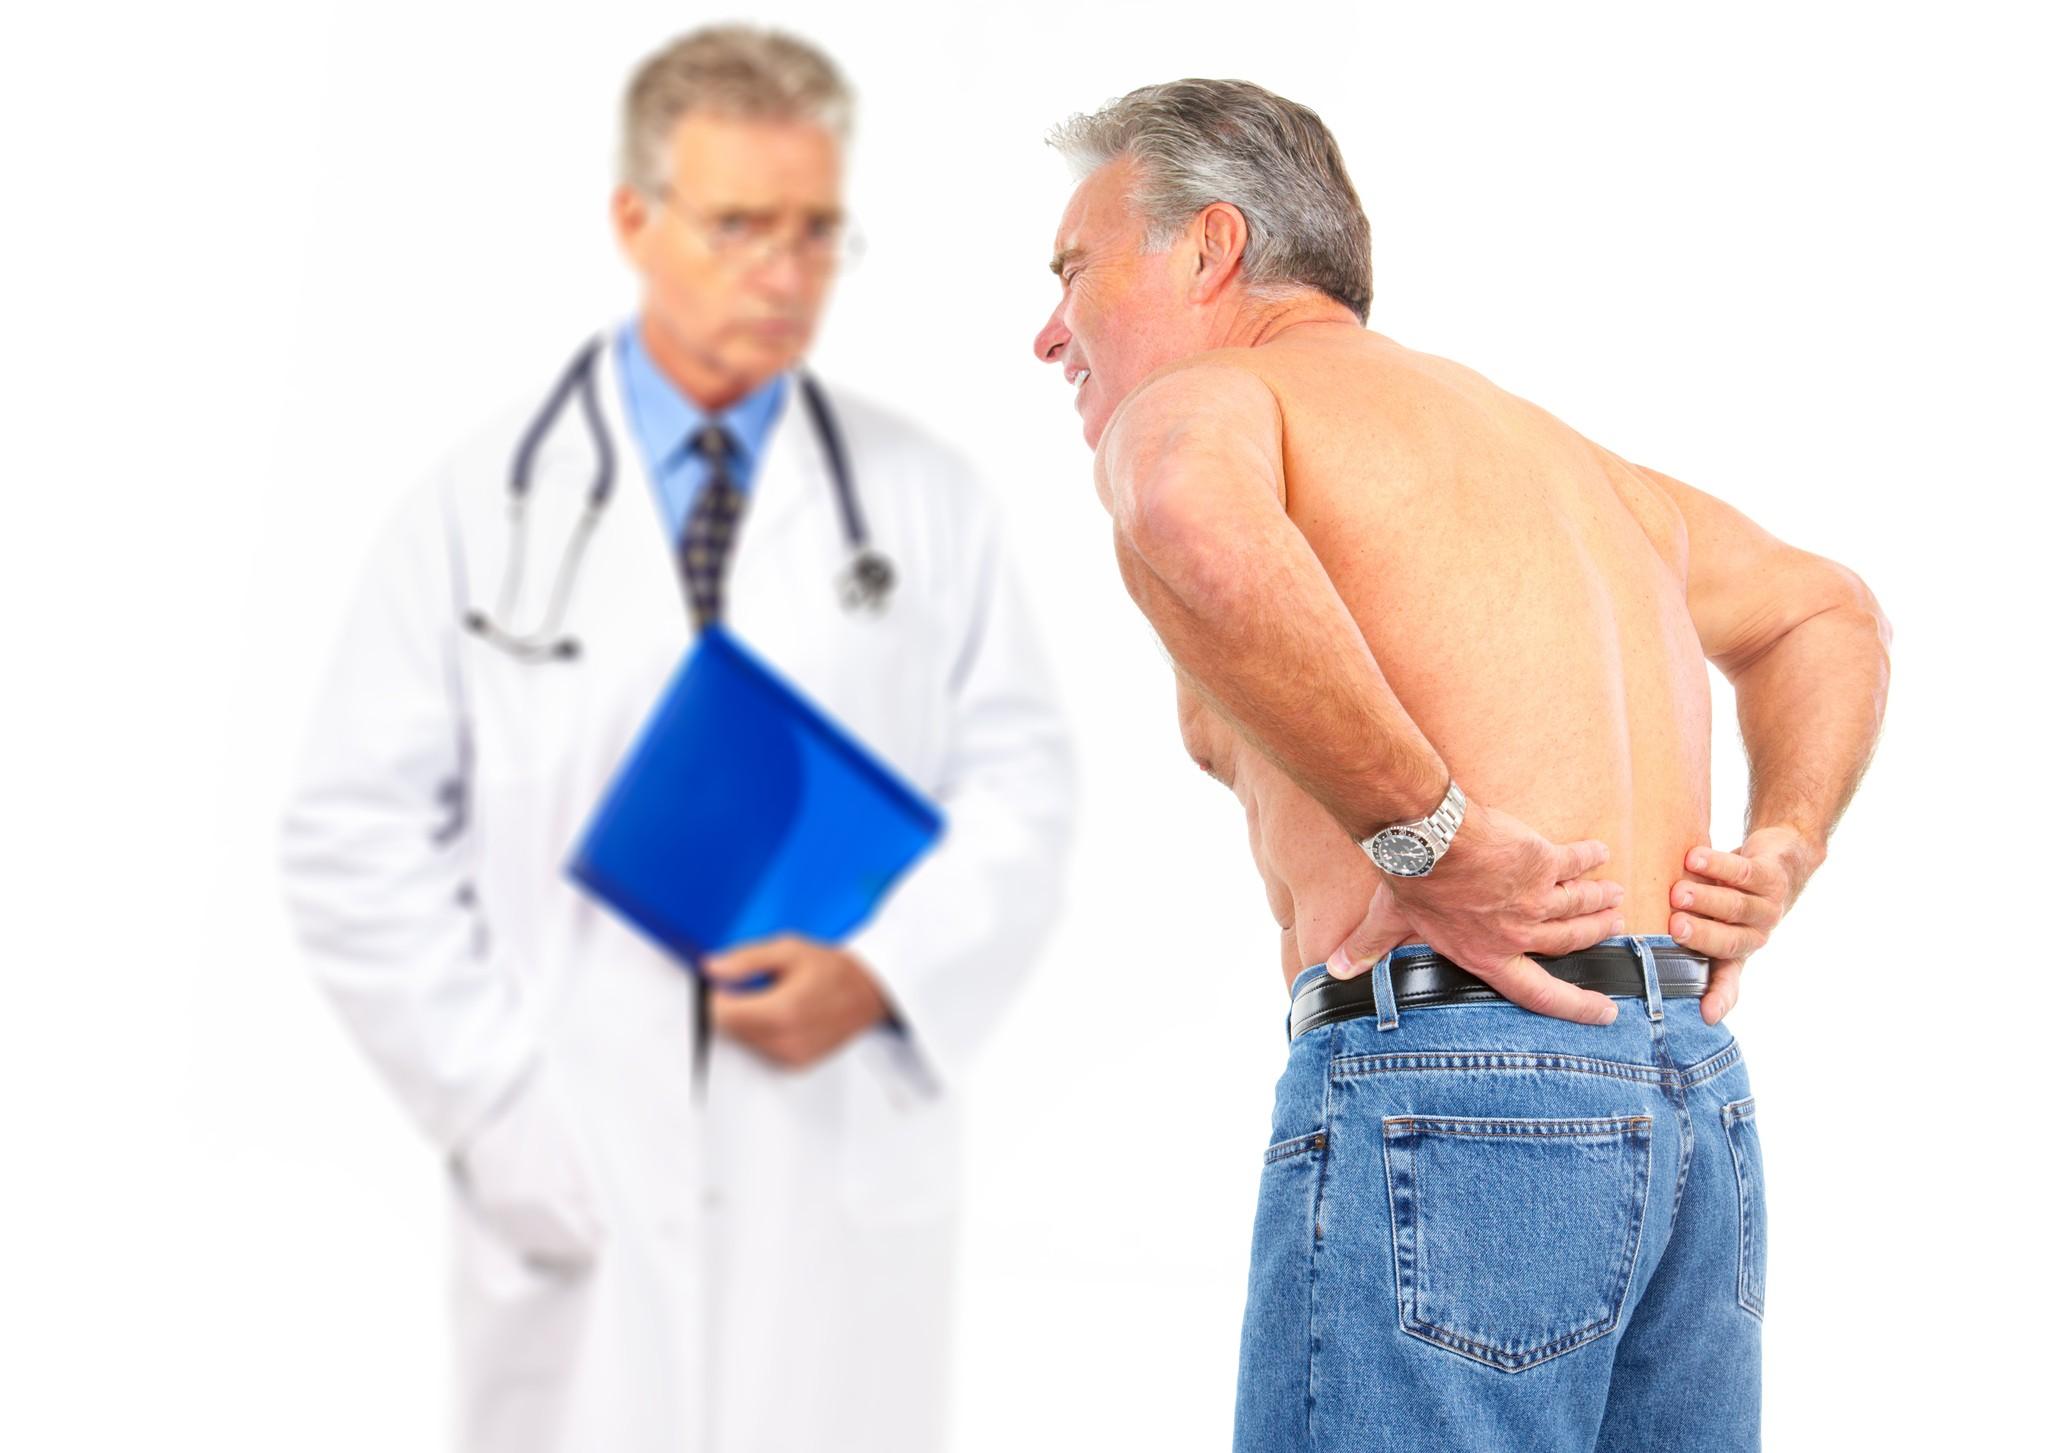 рис 1 доктор и пациент - радикулит